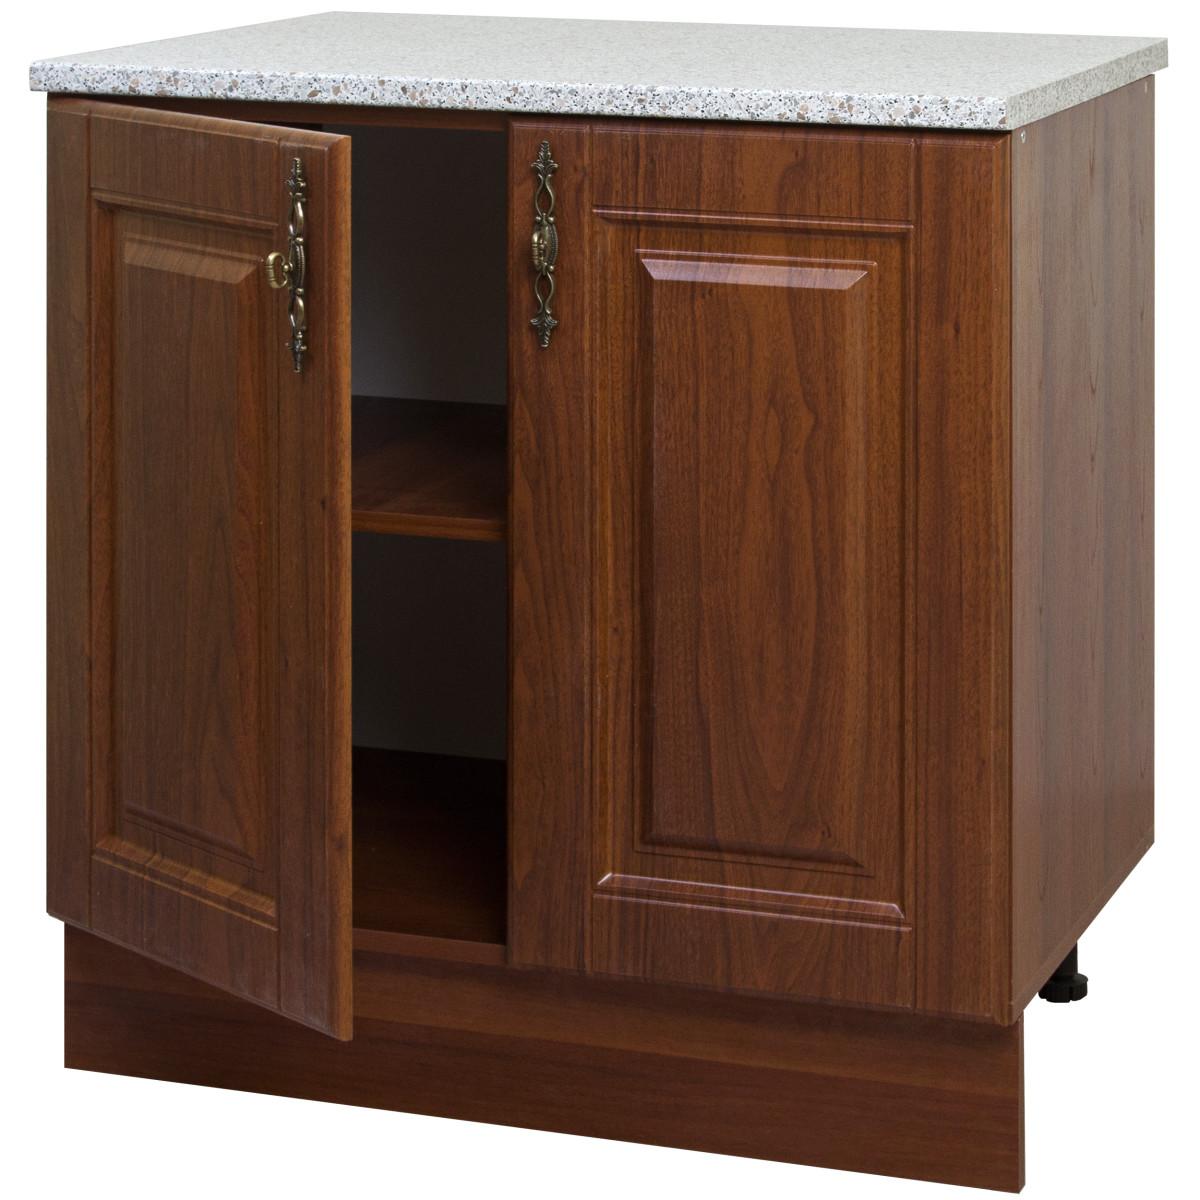 Шкаф напольный Орех 80x60x86 см ЛДСП цвет орех